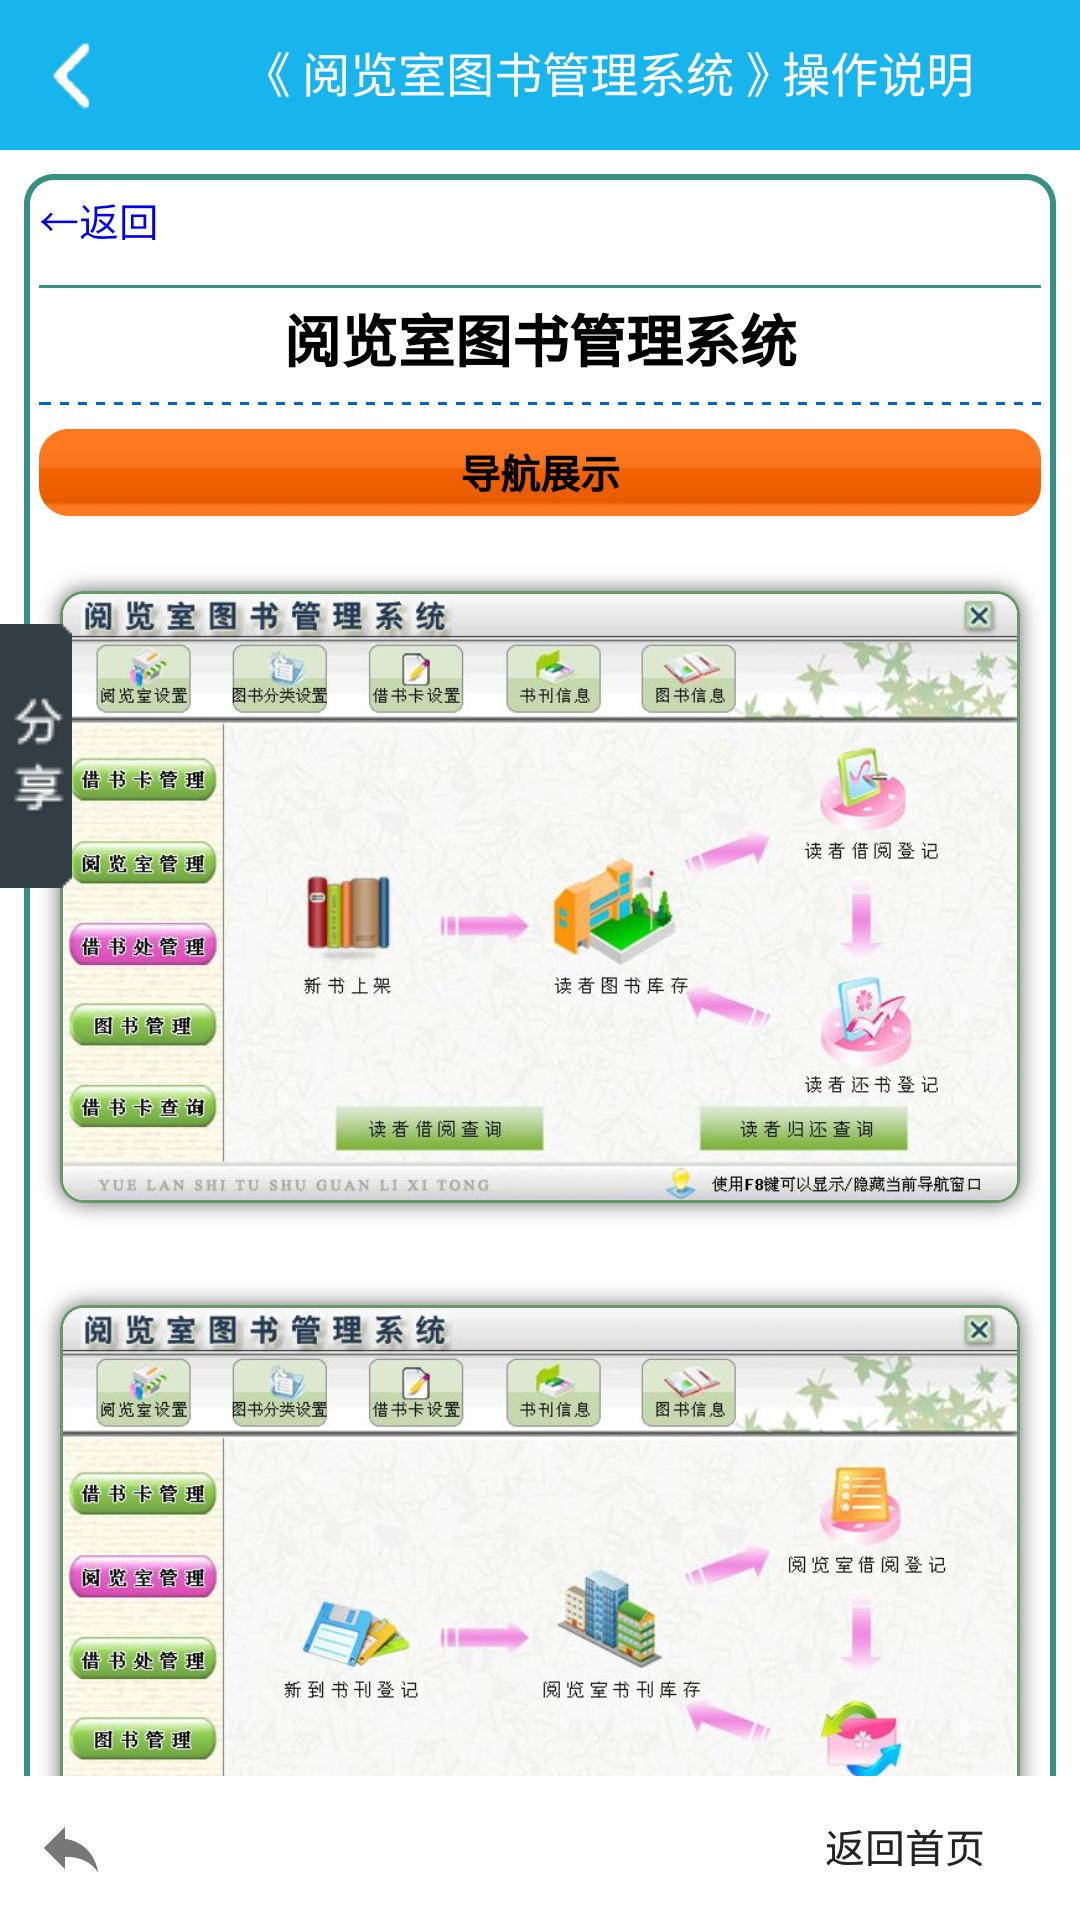 阅览室图书管理系统